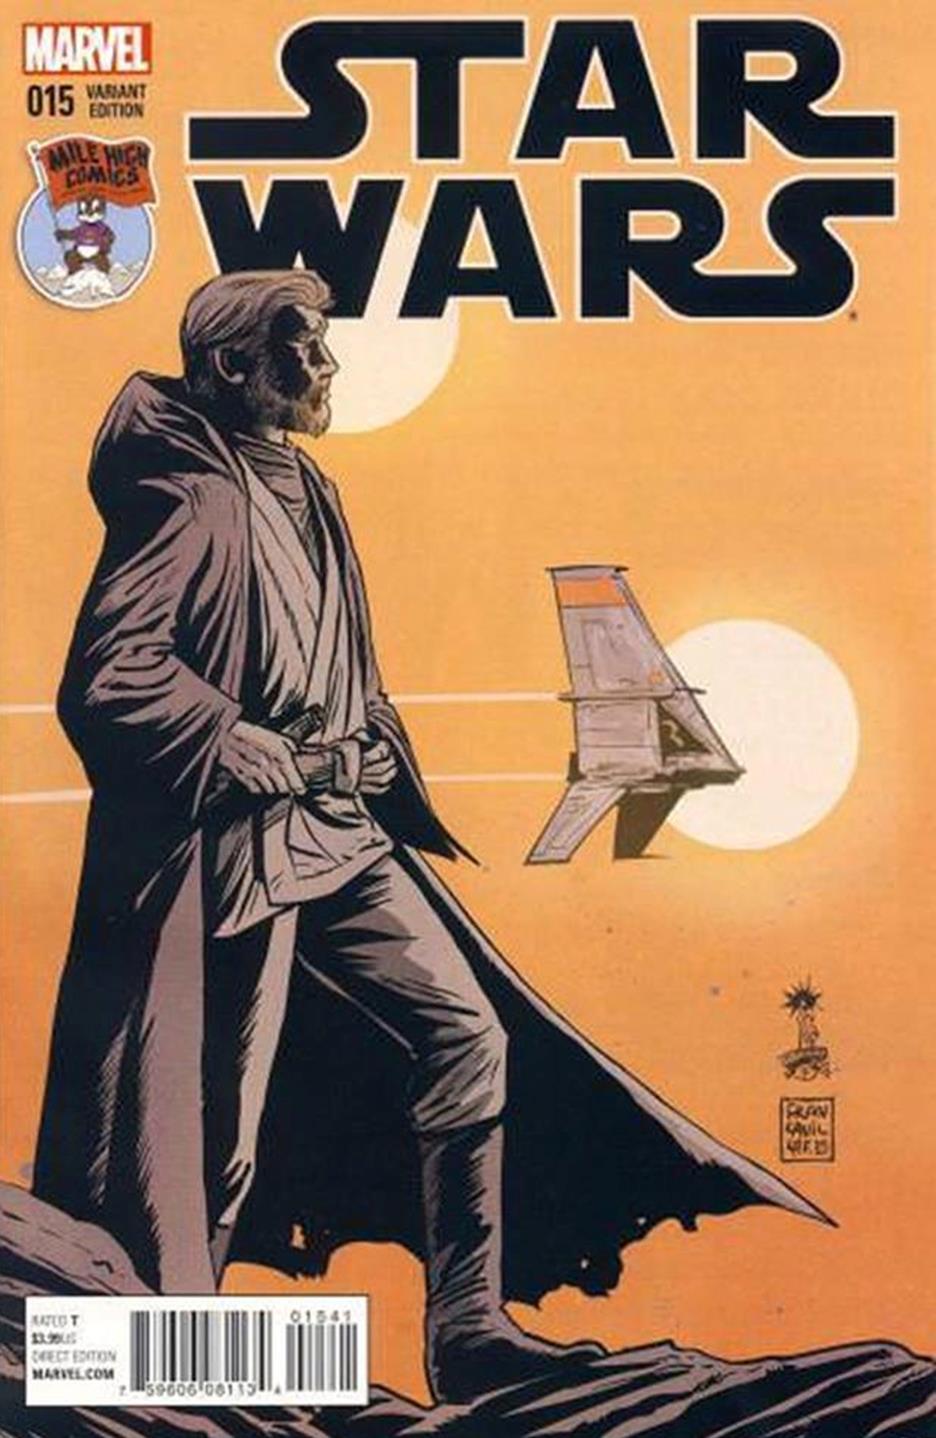 Star Wars #15 (Francesco Francavilla Mile High Comics Variant Cover) (20.01.2016)